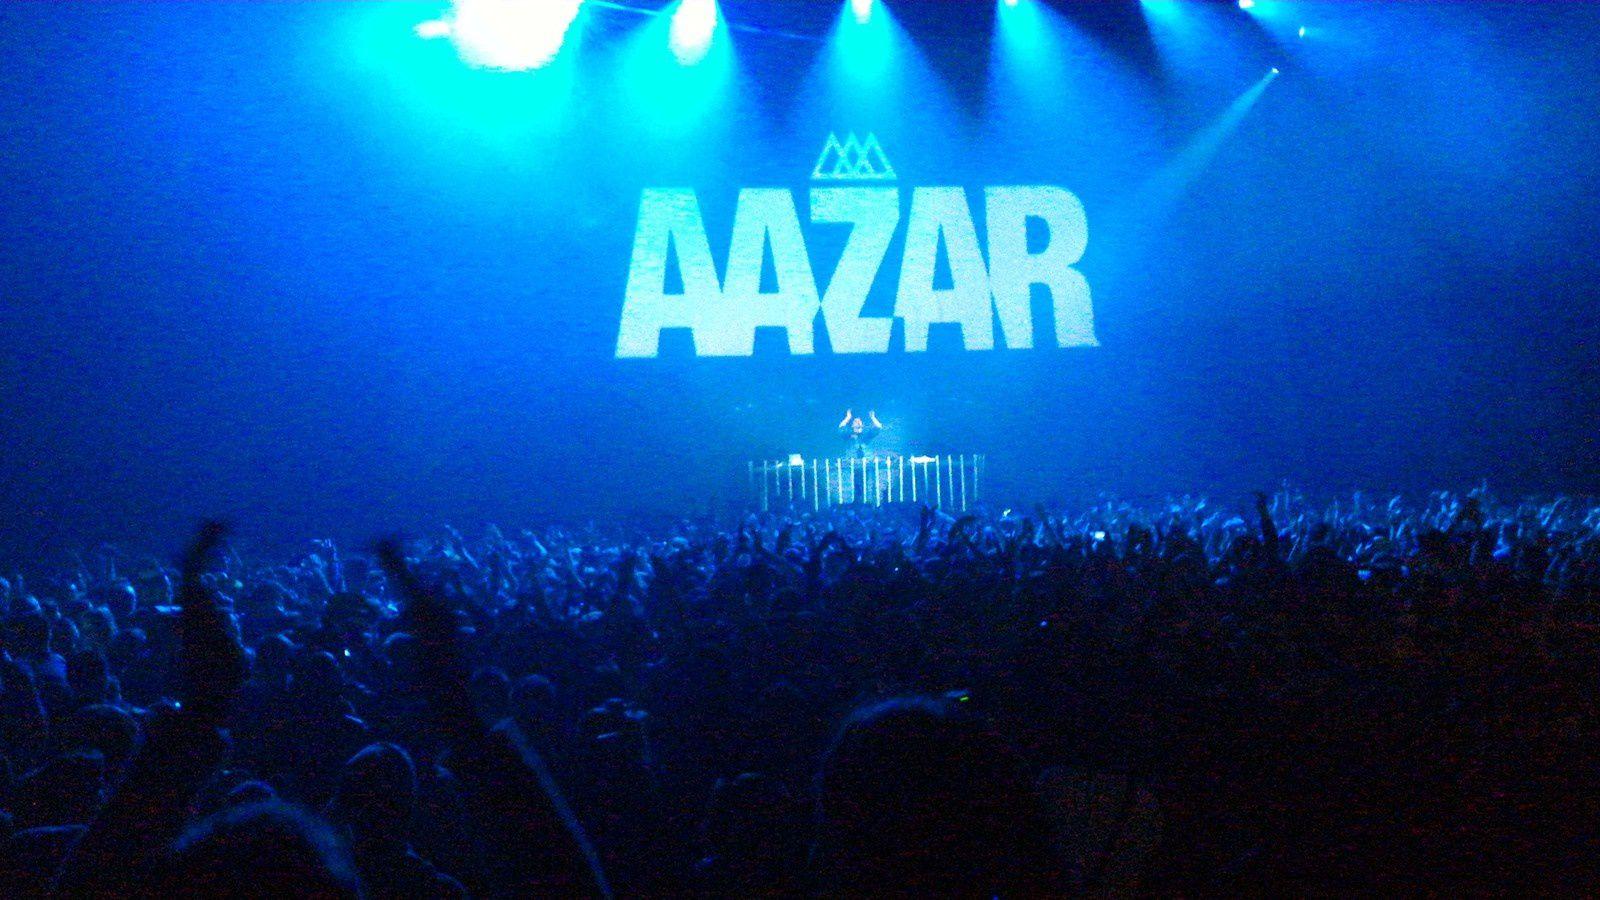 Aazar (c'est marqué au-dessus haha)